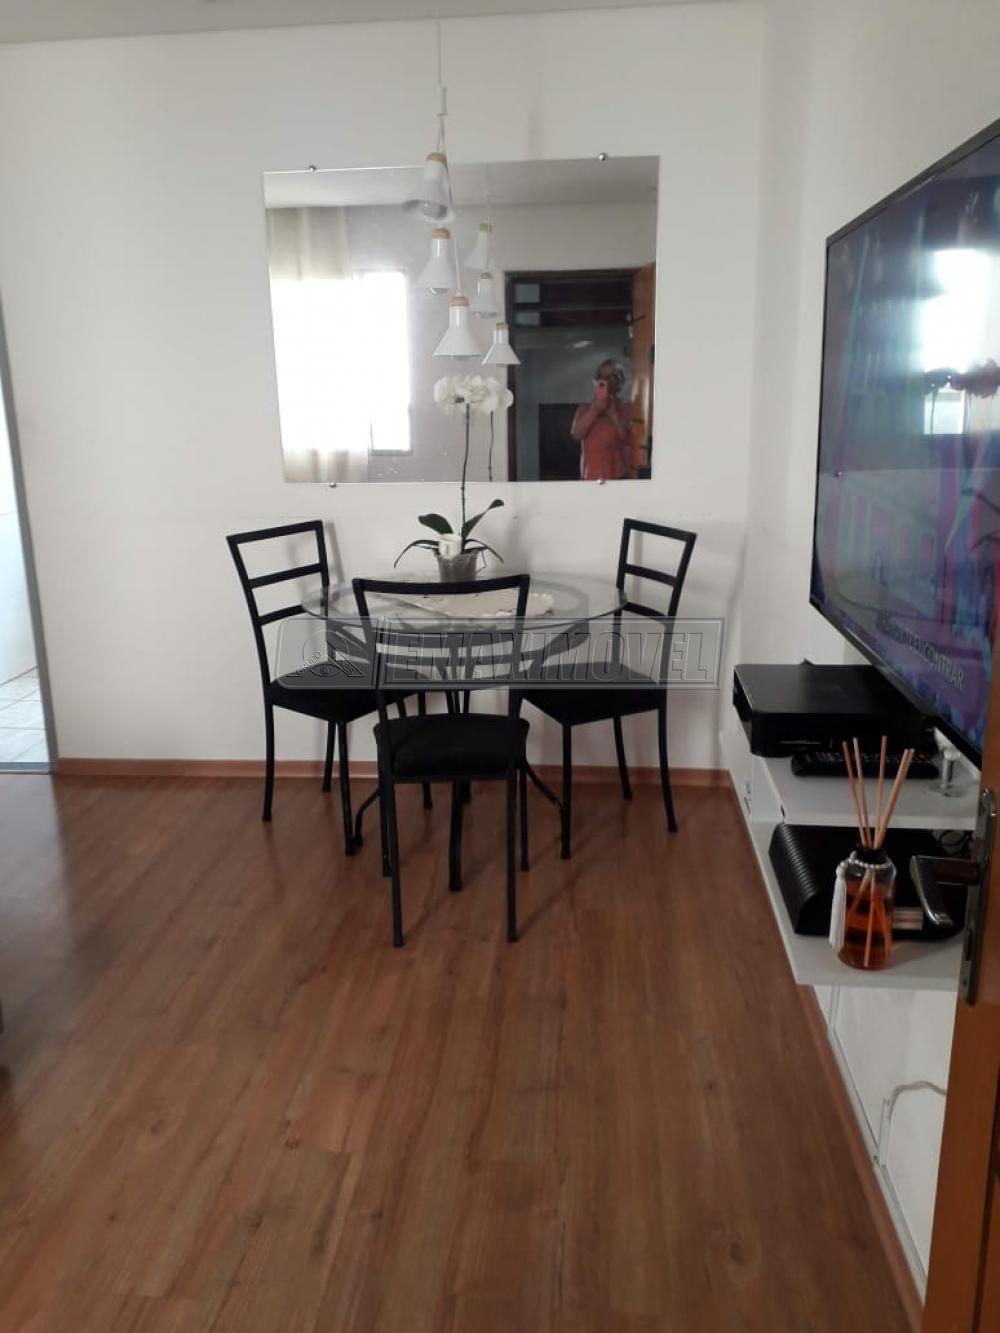 Comprar Apartamentos / Apto Padrão em Sorocaba apenas R$ 170.000,00 - Foto 2